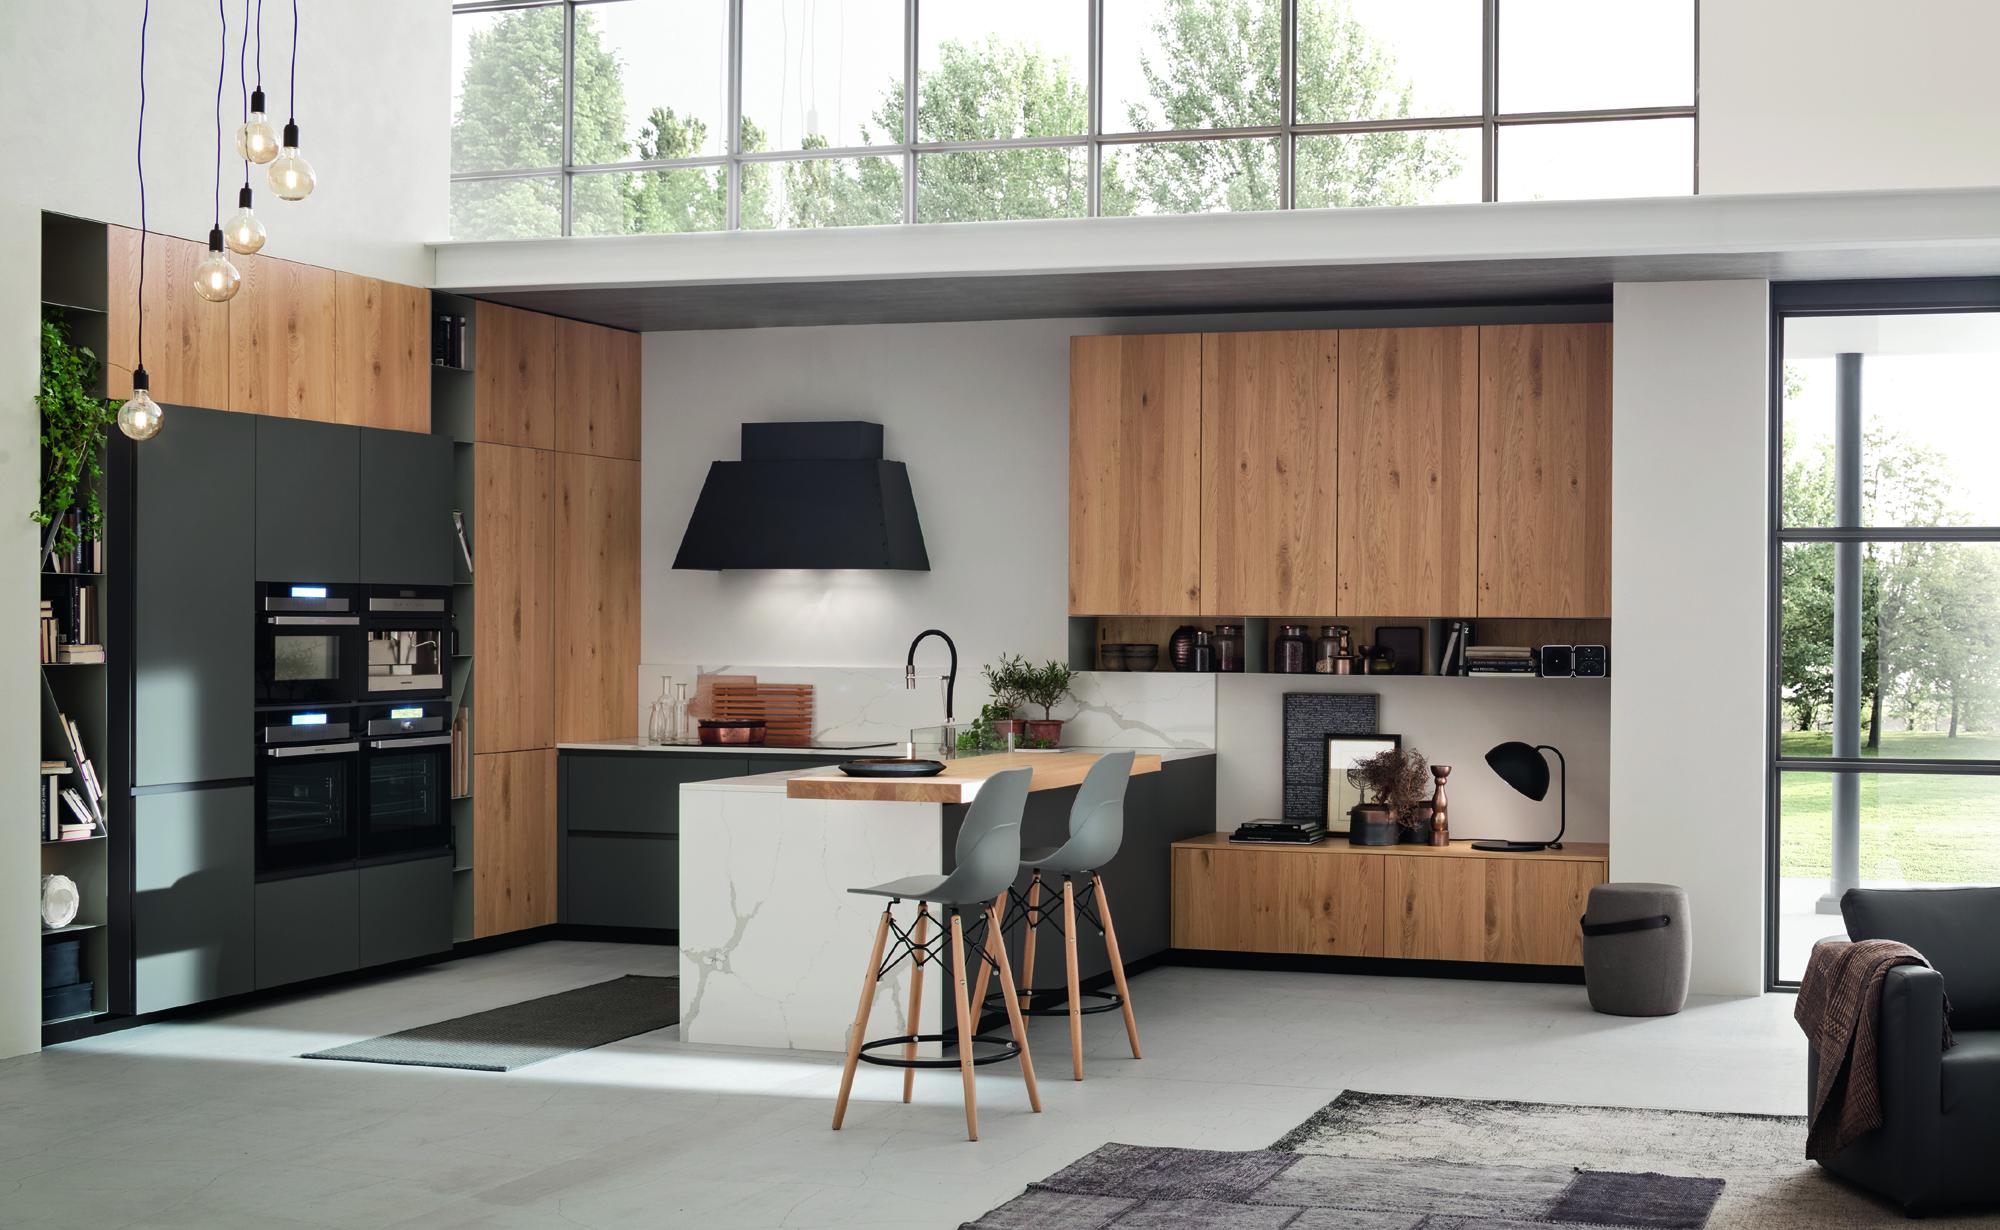 cucina in legno naturale e grigio Loft da Paola Elisa Mobili